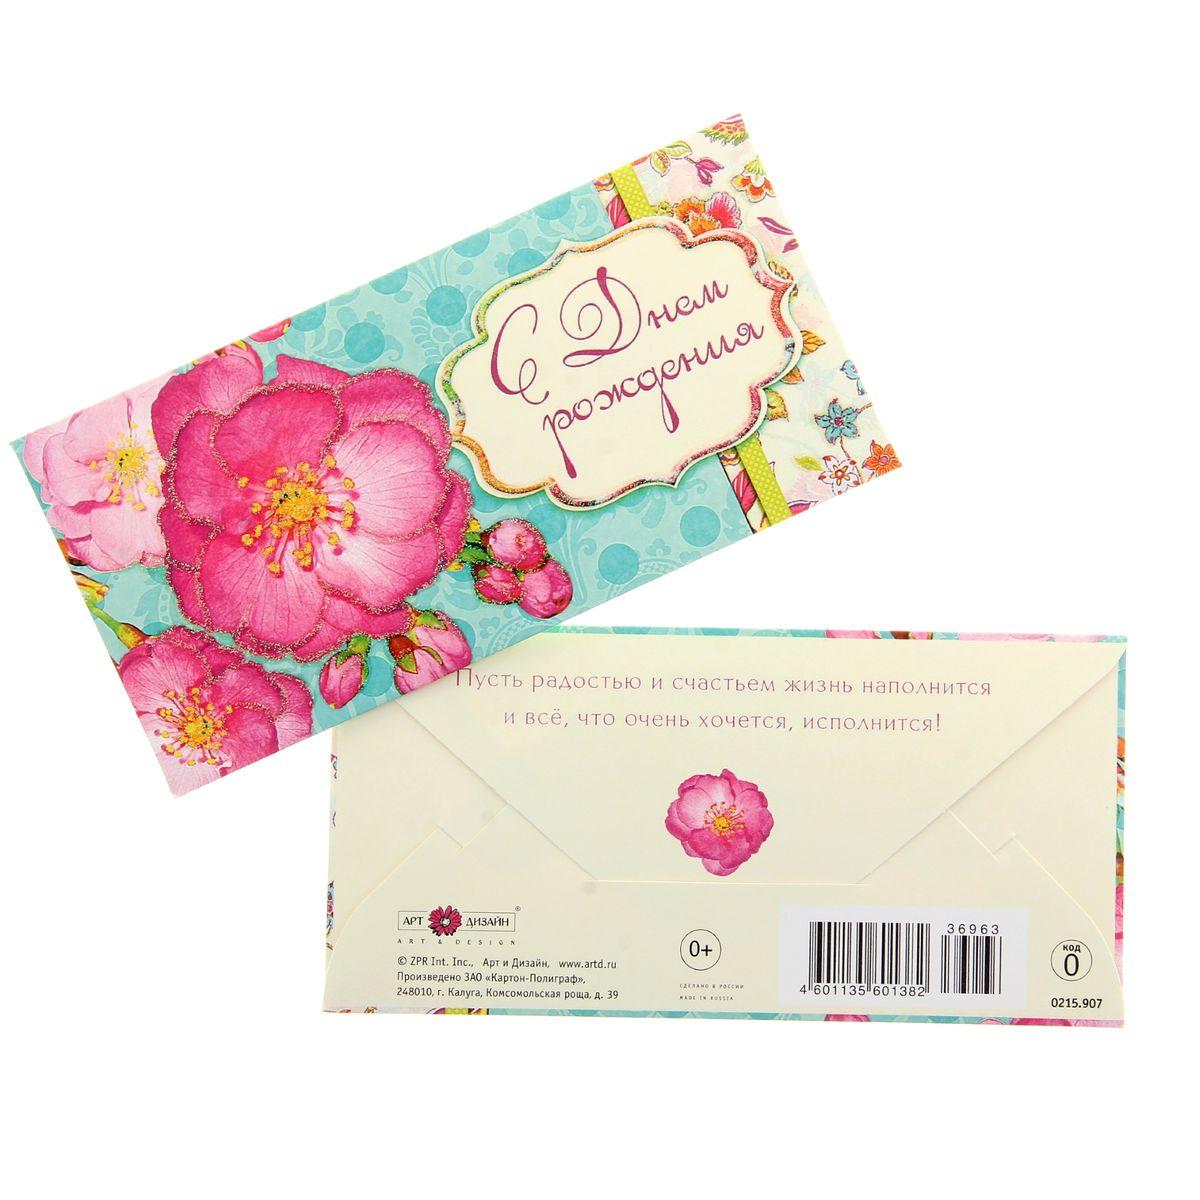 Дизайн конверта для денег